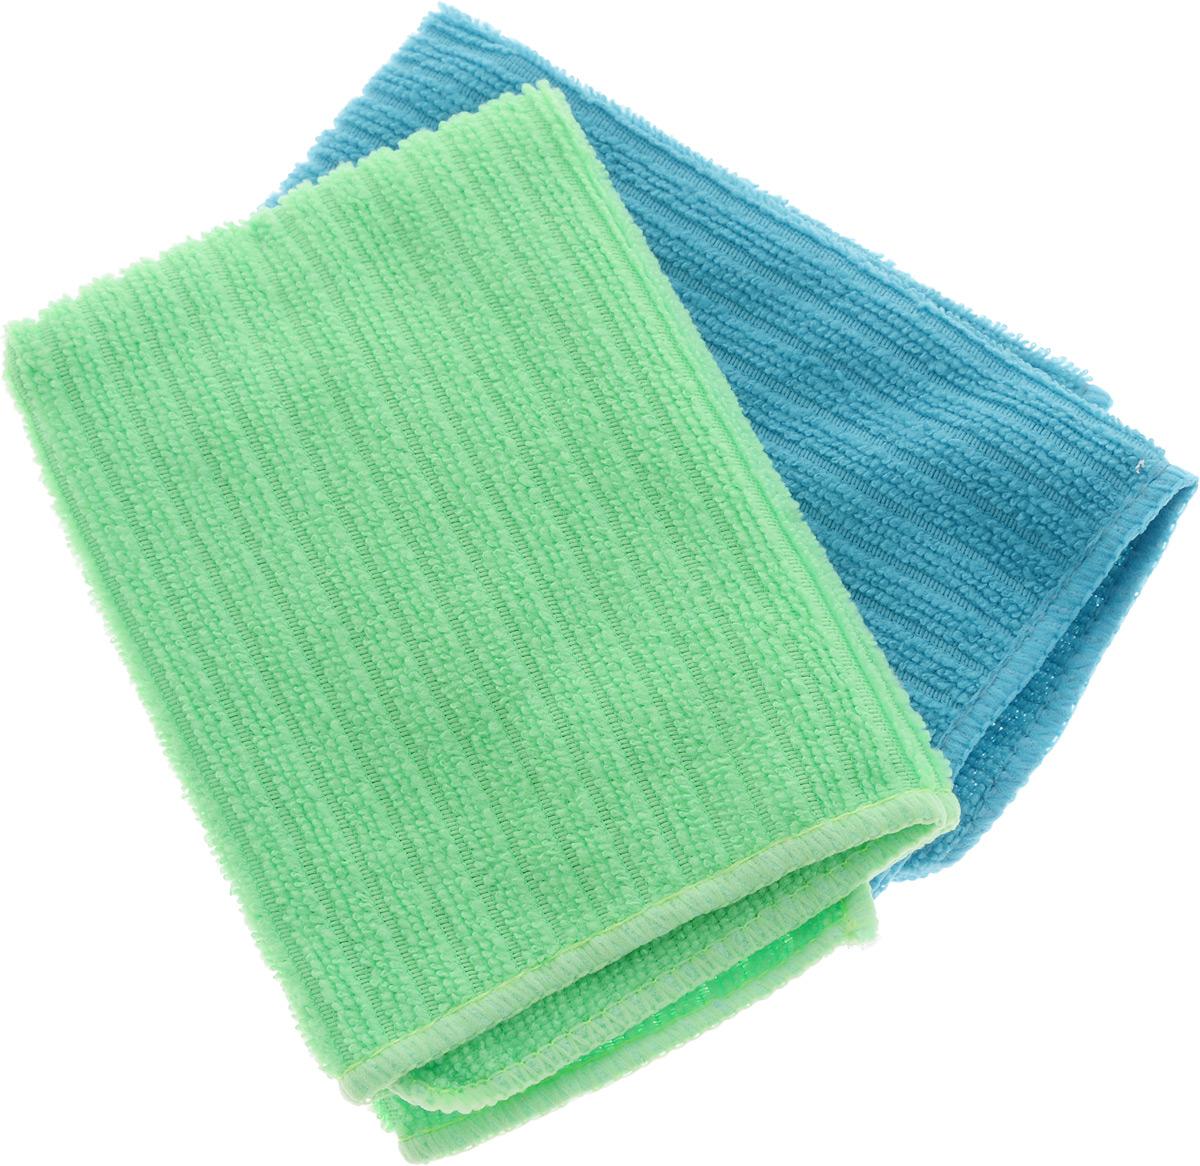 Салфетка из микрофибры Home Queen, цвет: бирюзовый, салатовый, 30 х 30 см, 2 штRC-100BPCСалфетка Home Queen изготовлена из микрофибры (100% полиэстер). Это великолепная гипоаллергенная ткань, изготовленная из тончайших полимерных микроволокон. Салфетка из микрофибры может поглощать количество пыли и влаги, в 7 раз превышающее ее собственный вес. Многочисленные поры между микроволокнами, благодаря капиллярному эффекту, мгновенно впитывают воду, подобно губке. Благодаря мелким порам микроволокна, любые капельки, остающиеся на чистящей поверхности, очень быстро испаряются, и остается чистая дорожка без полос и разводов. В сухом виде при вытирании поверхности волокна микрофибры электризуются и притягивают к себе микробов, мельчайшие частицы пыли и грязи, удерживая их в своих микропорах.Размер салфетки: 30 х 30 см.